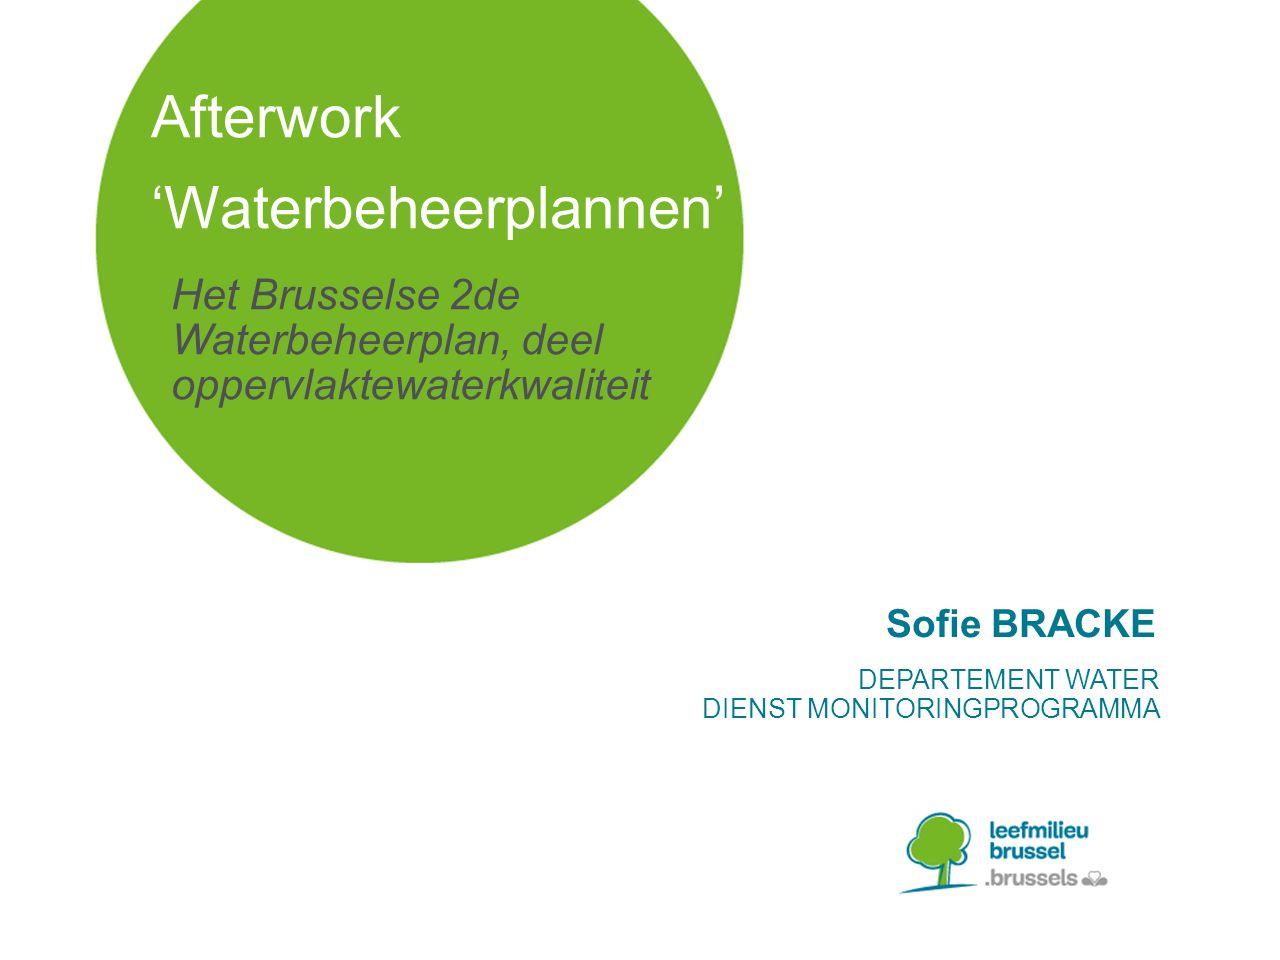 Het Brusselse 2de Waterbeheerplan, deel oppervlaktewaterkwaliteit Afterwork 'Waterbeheerplannen' Sofie BRACKE DEPARTEMENT WATER DIENST MONITORINGPROGRAMMA